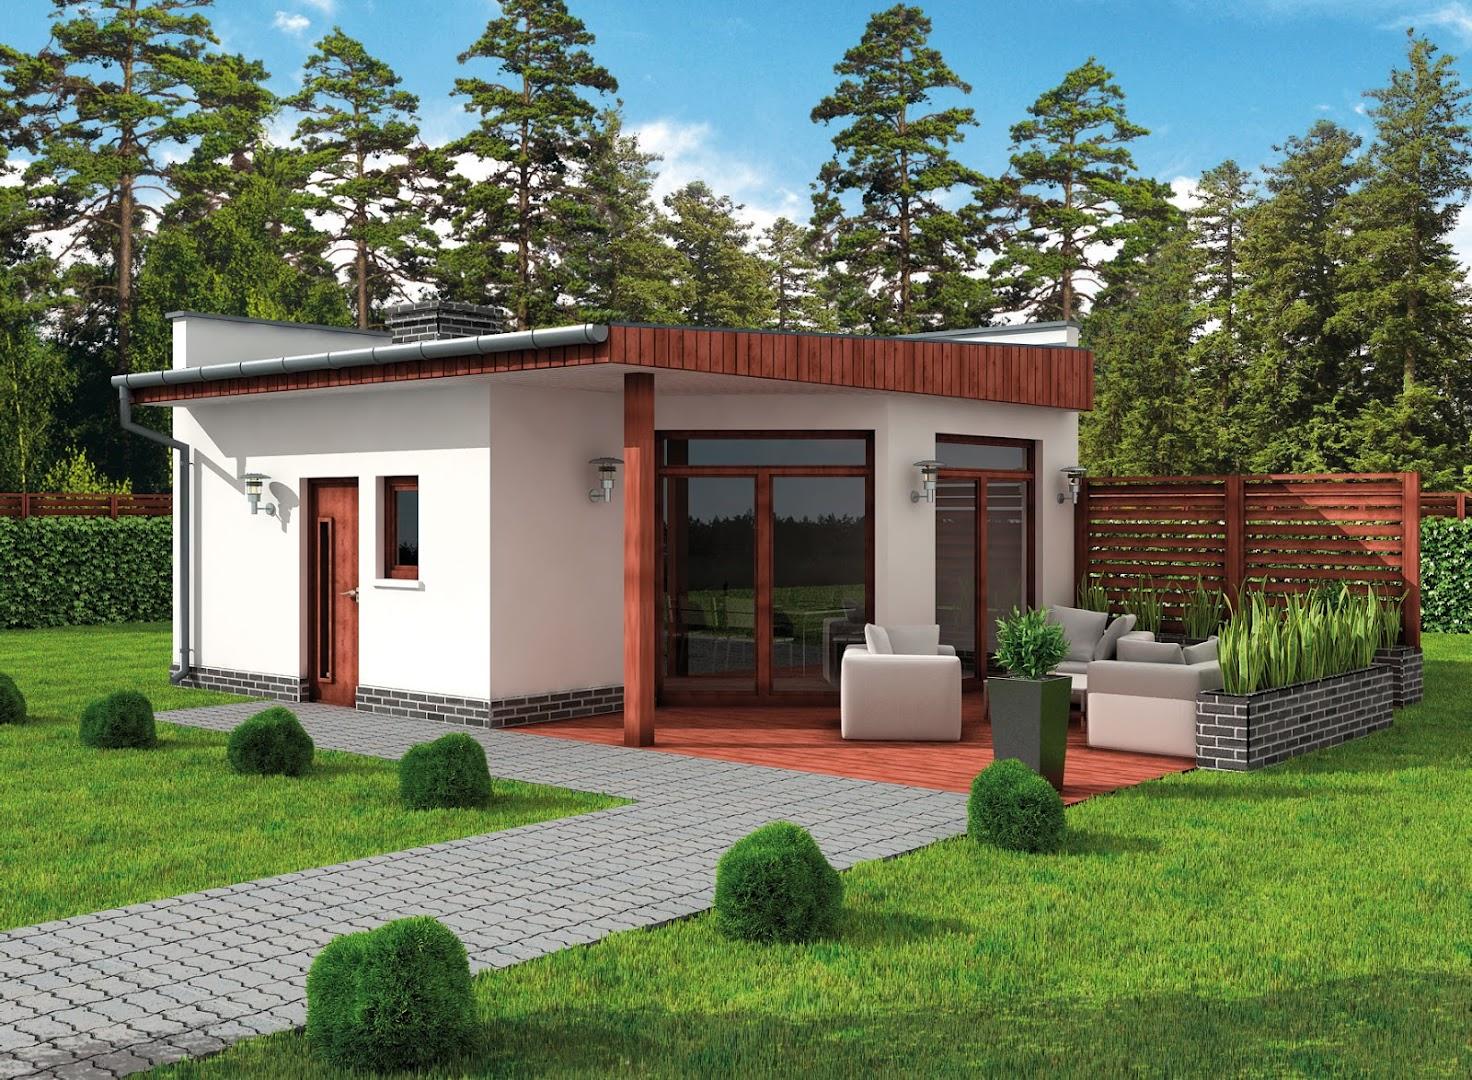 Projekt KL9 Kuchnia letnia  Bud gospodarczy (TDT 464